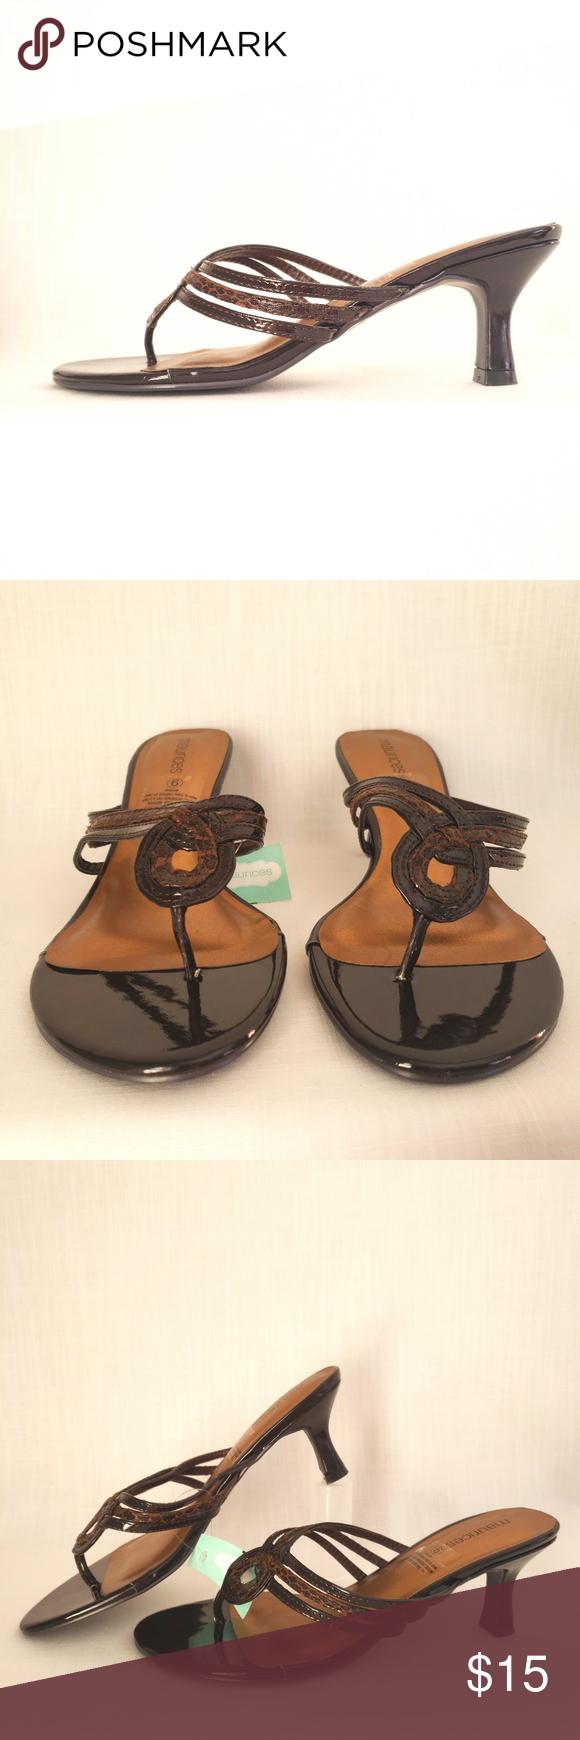 Maurice S Kitten Heel Sandal Women S Size 9 In 2020 Kitten Heel Sandals Sandals Heels Kitten Heels